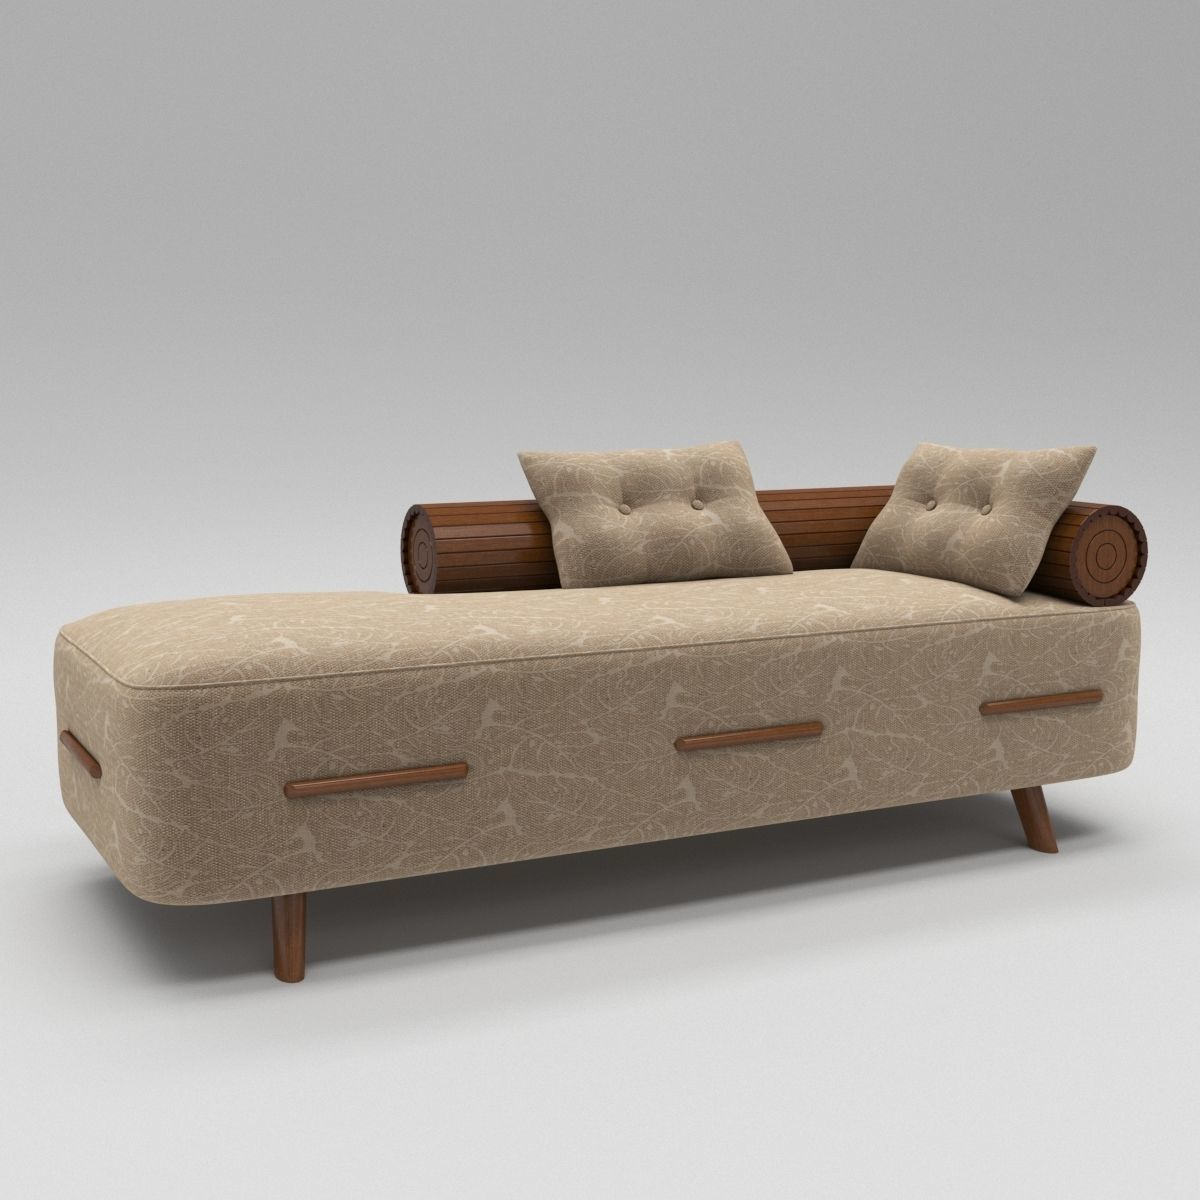 Model Luxury Divan Sofa With Wooden